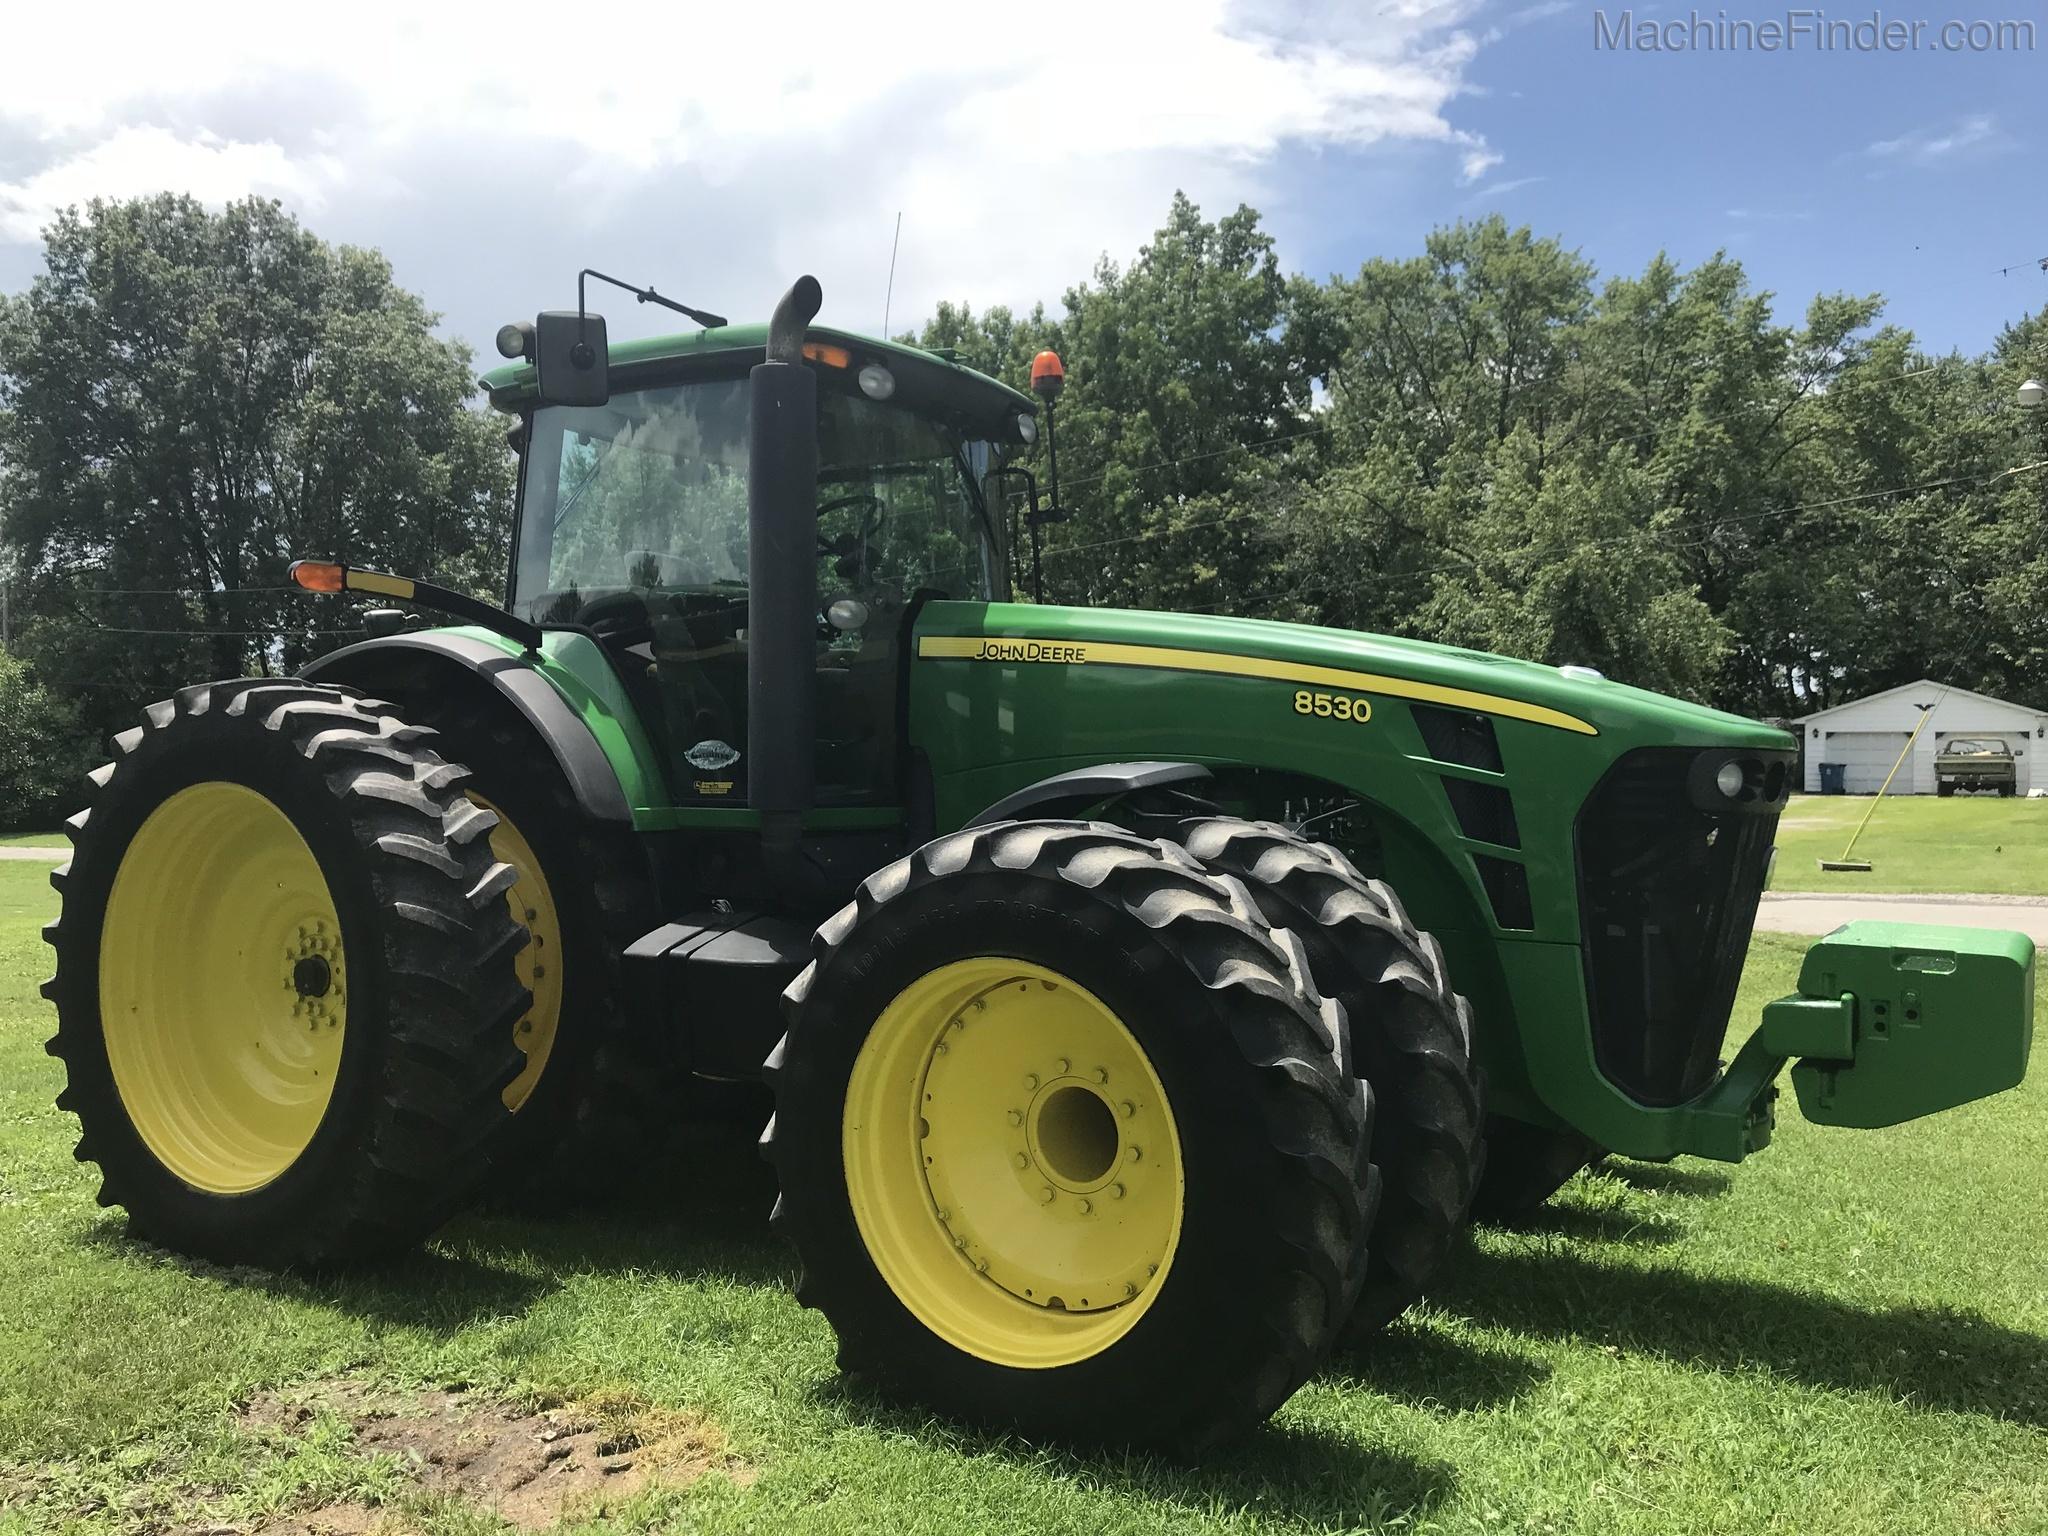 2007 John Deere 8530 Row Crop Tractors John Deere Machinefinder